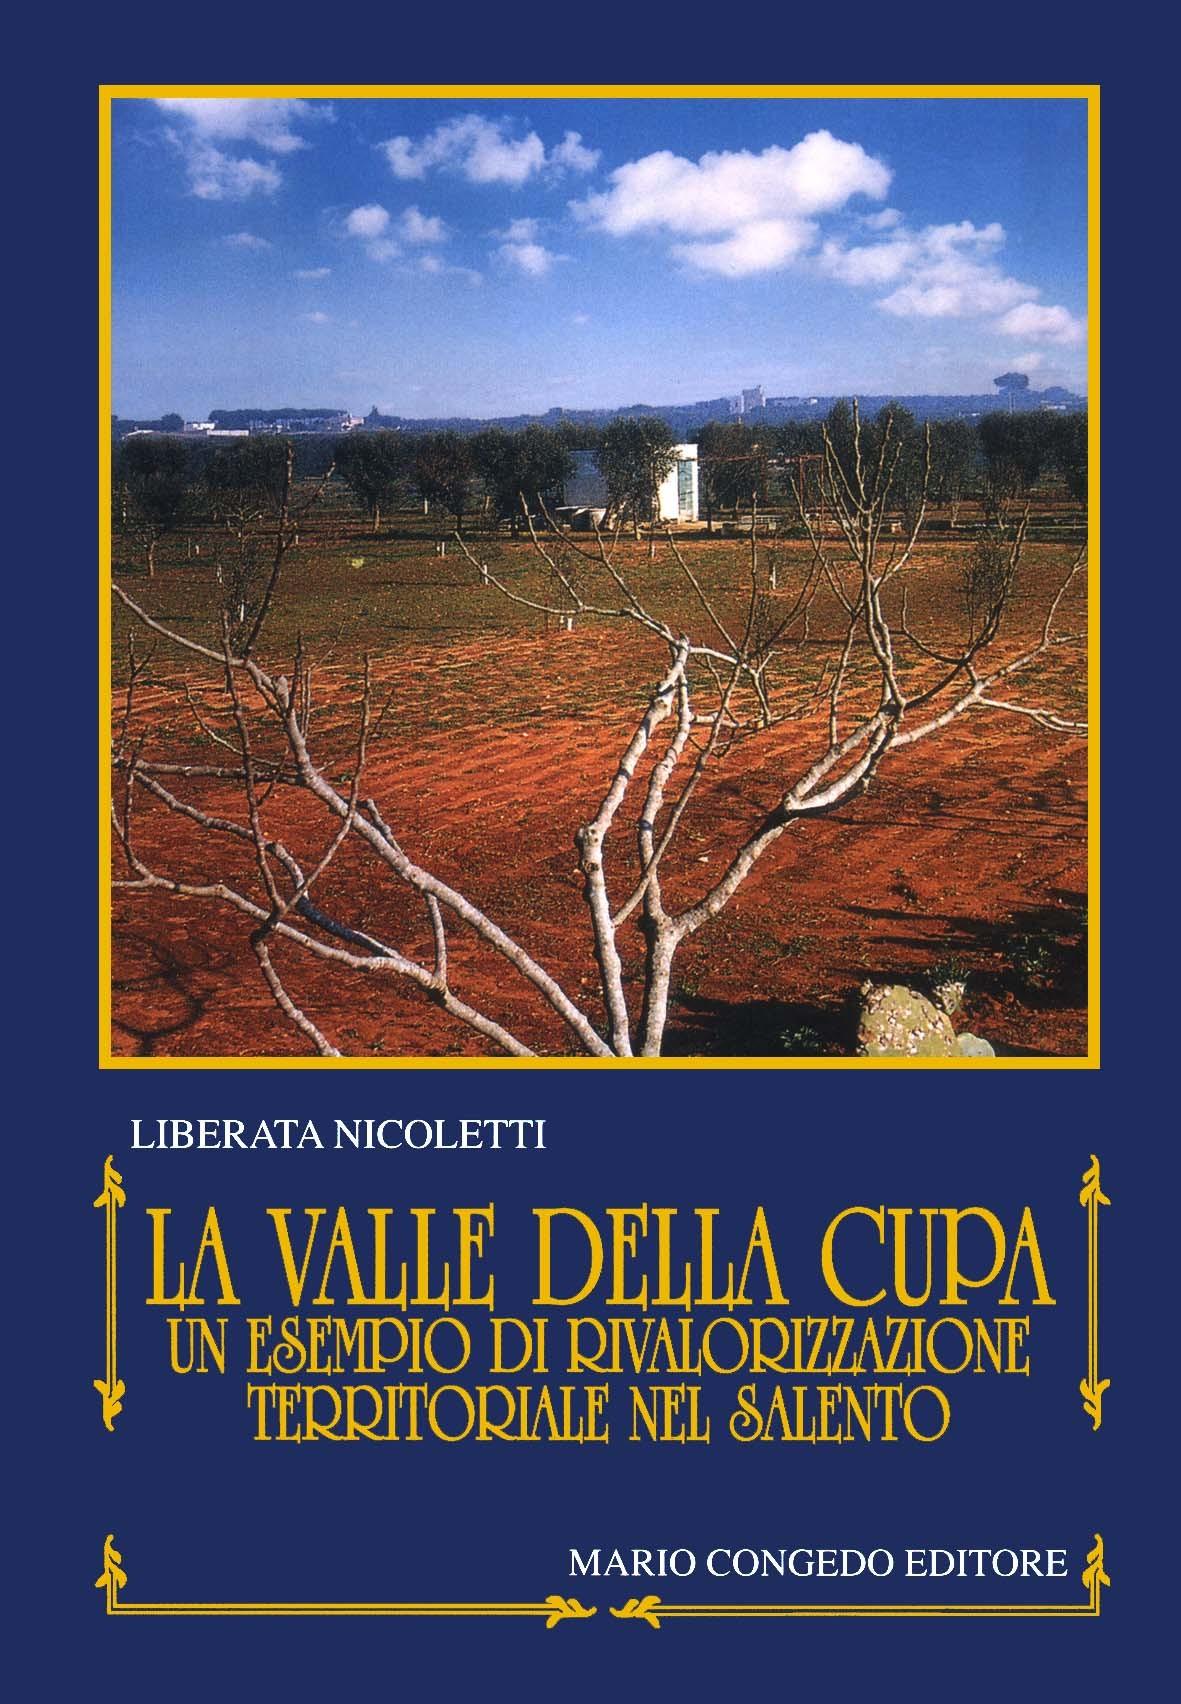 La Valle della Cupa. Un esempio di rivalorizzazione territoriale nel Salento